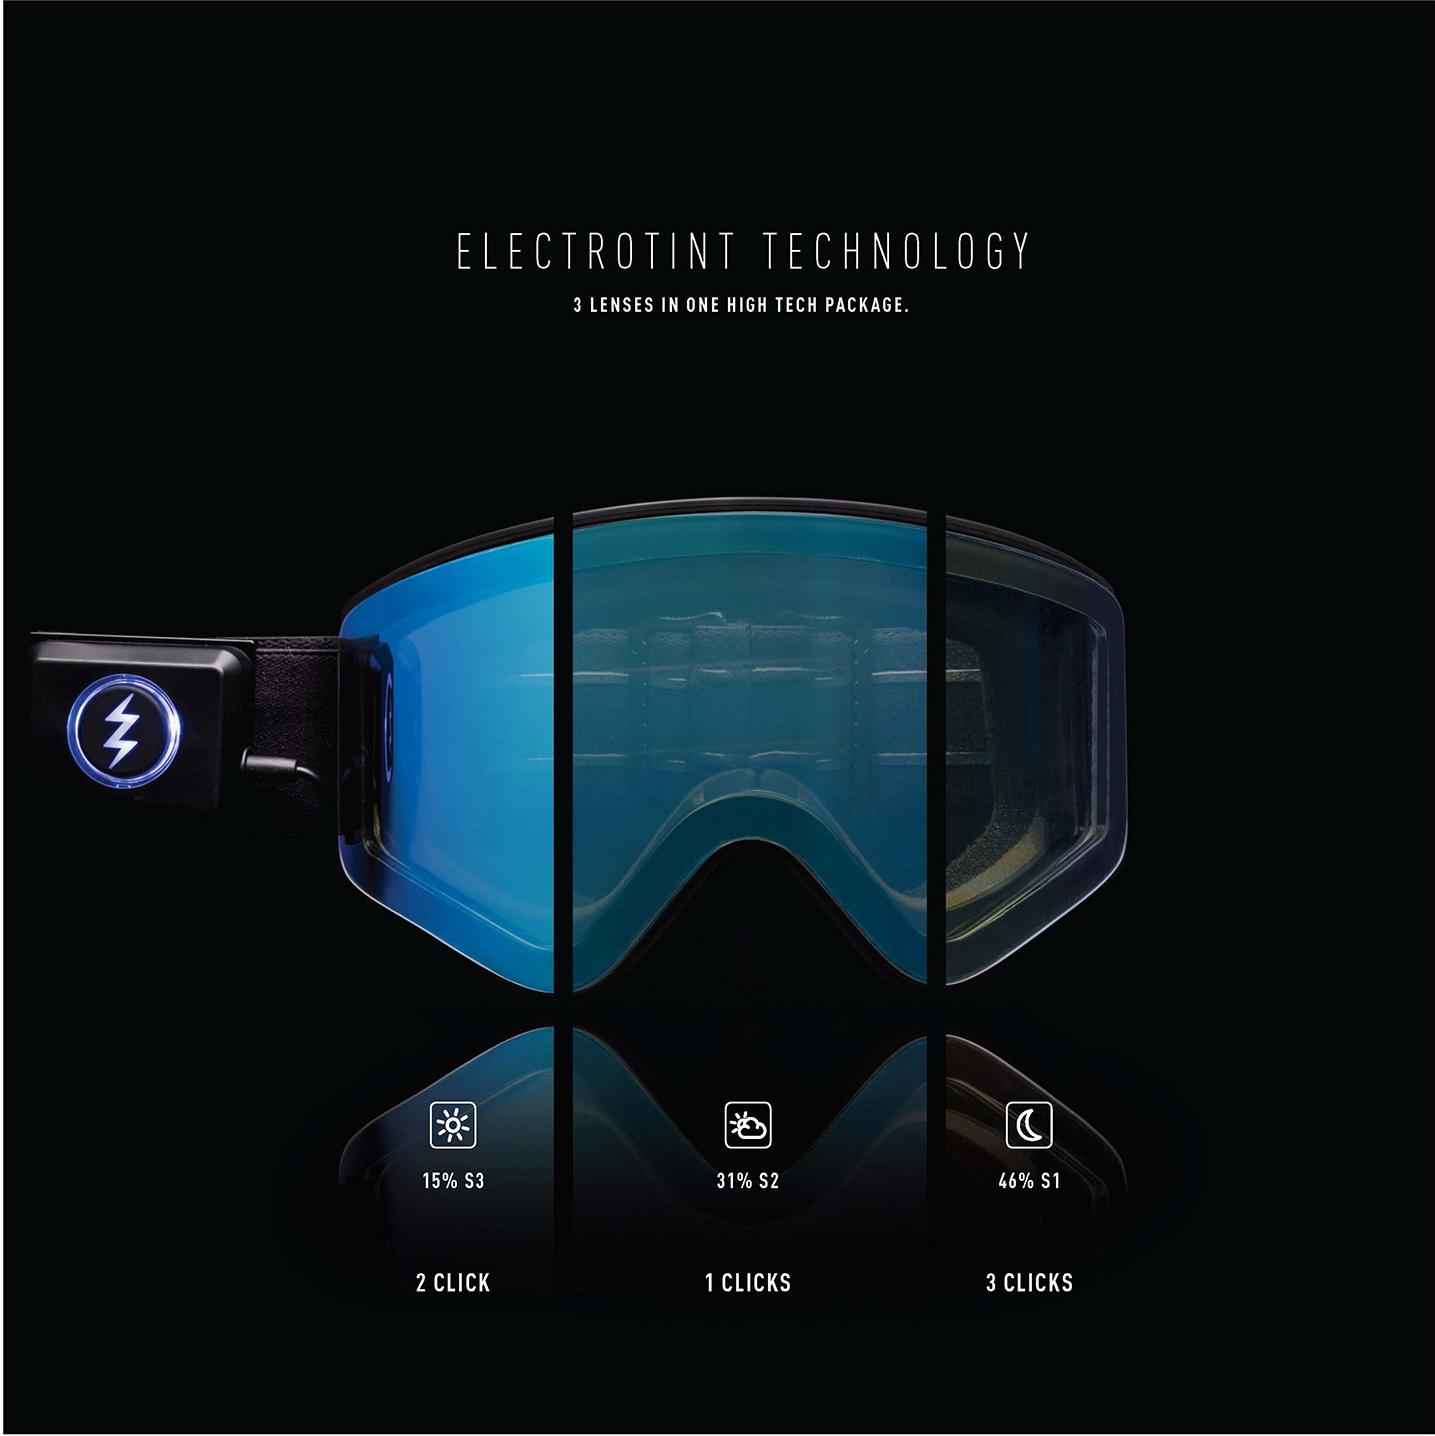 LEDテクノロジーを駆使し、レンズの濃さを変化させるテクノロジー。ストラップにあるスイッチを押すことで、可視光線透過率が15%、31%、46%の3パターンに変えられる